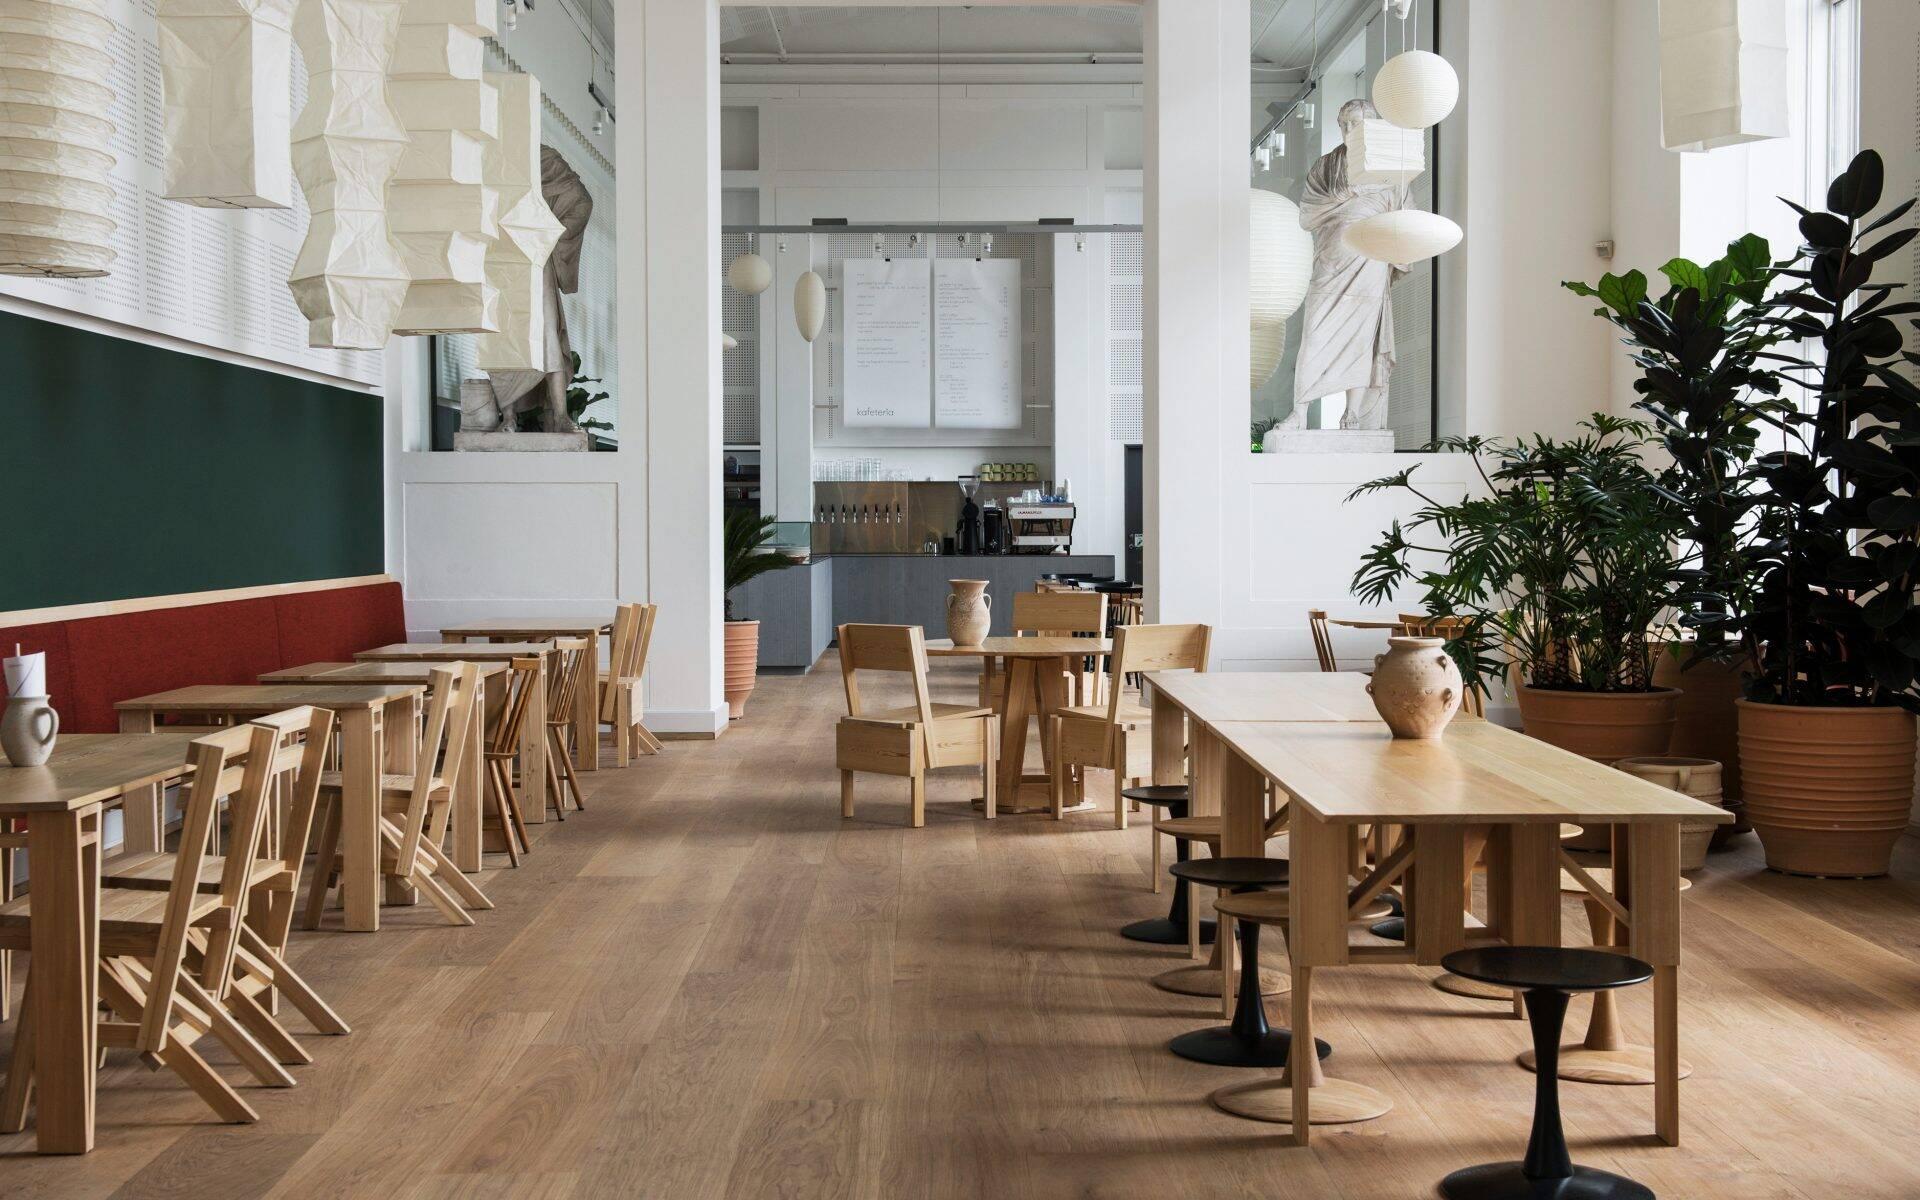 Kafeteria Kopenhagen